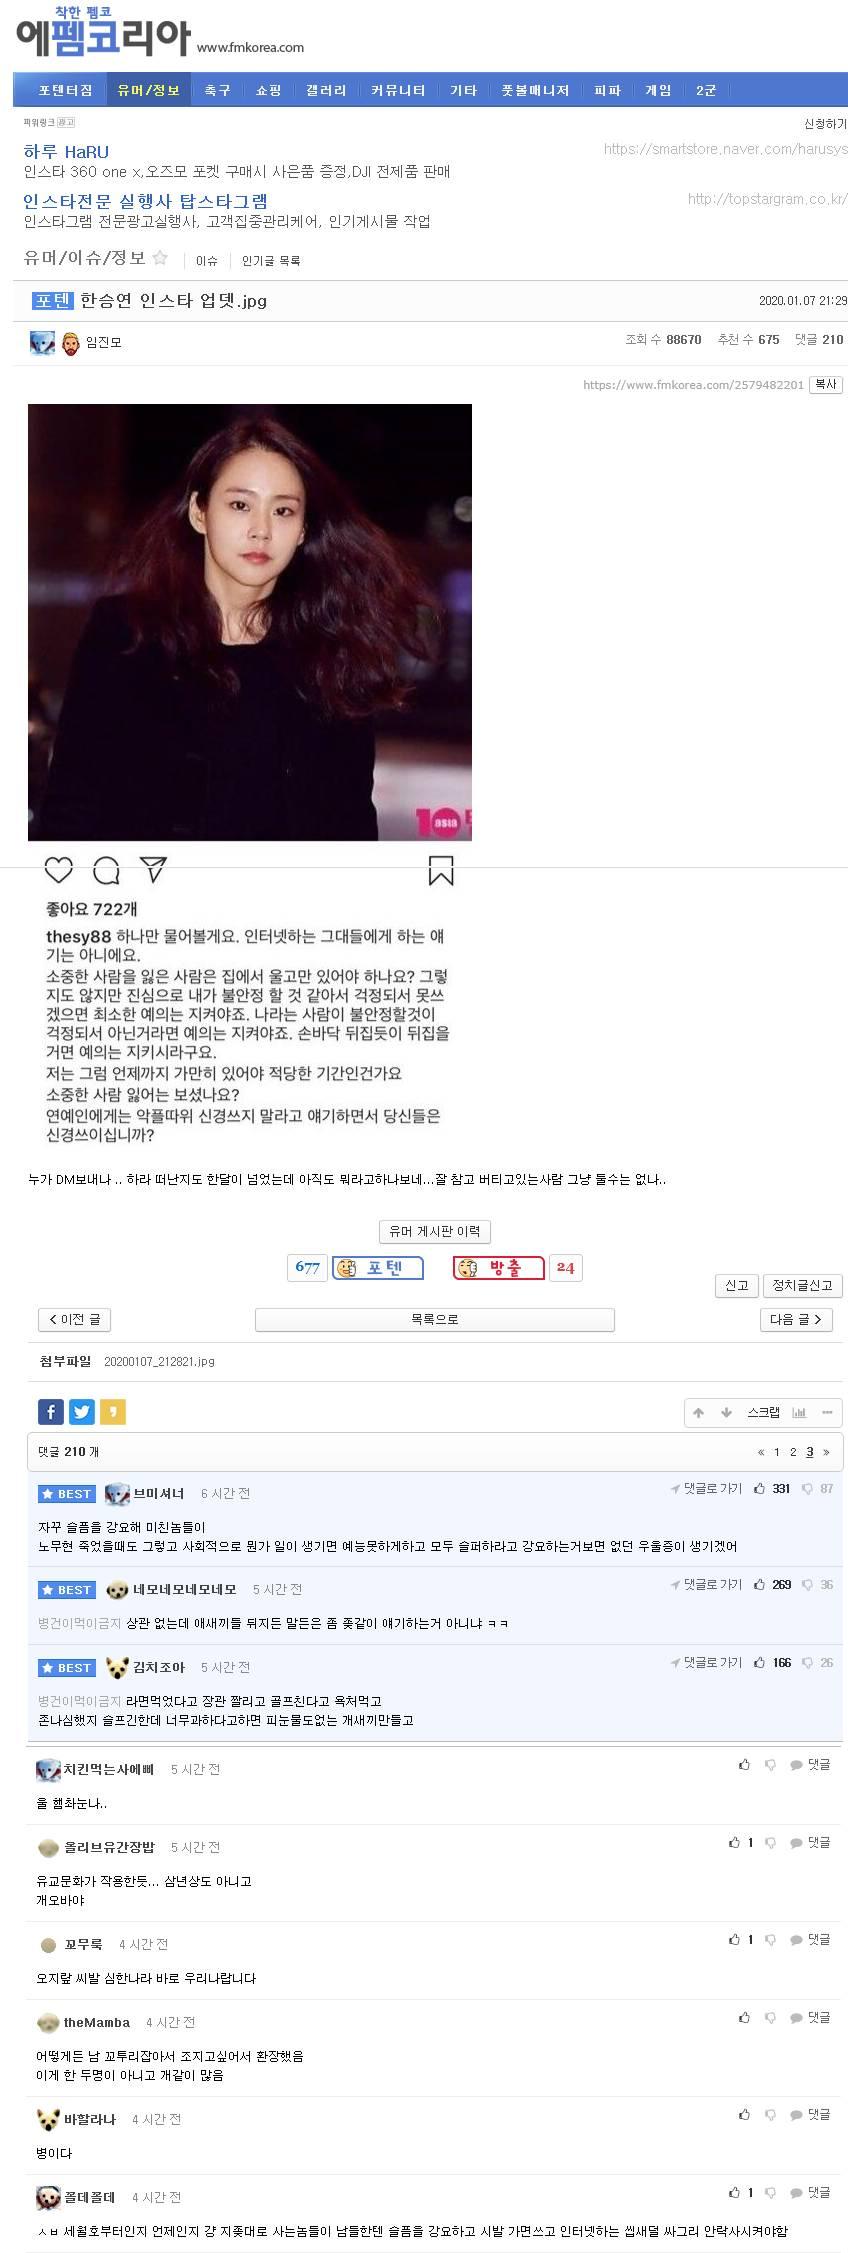 현시간 세월호 혐오로 폭발하고 있는 일베2.jpg | 인스티즈